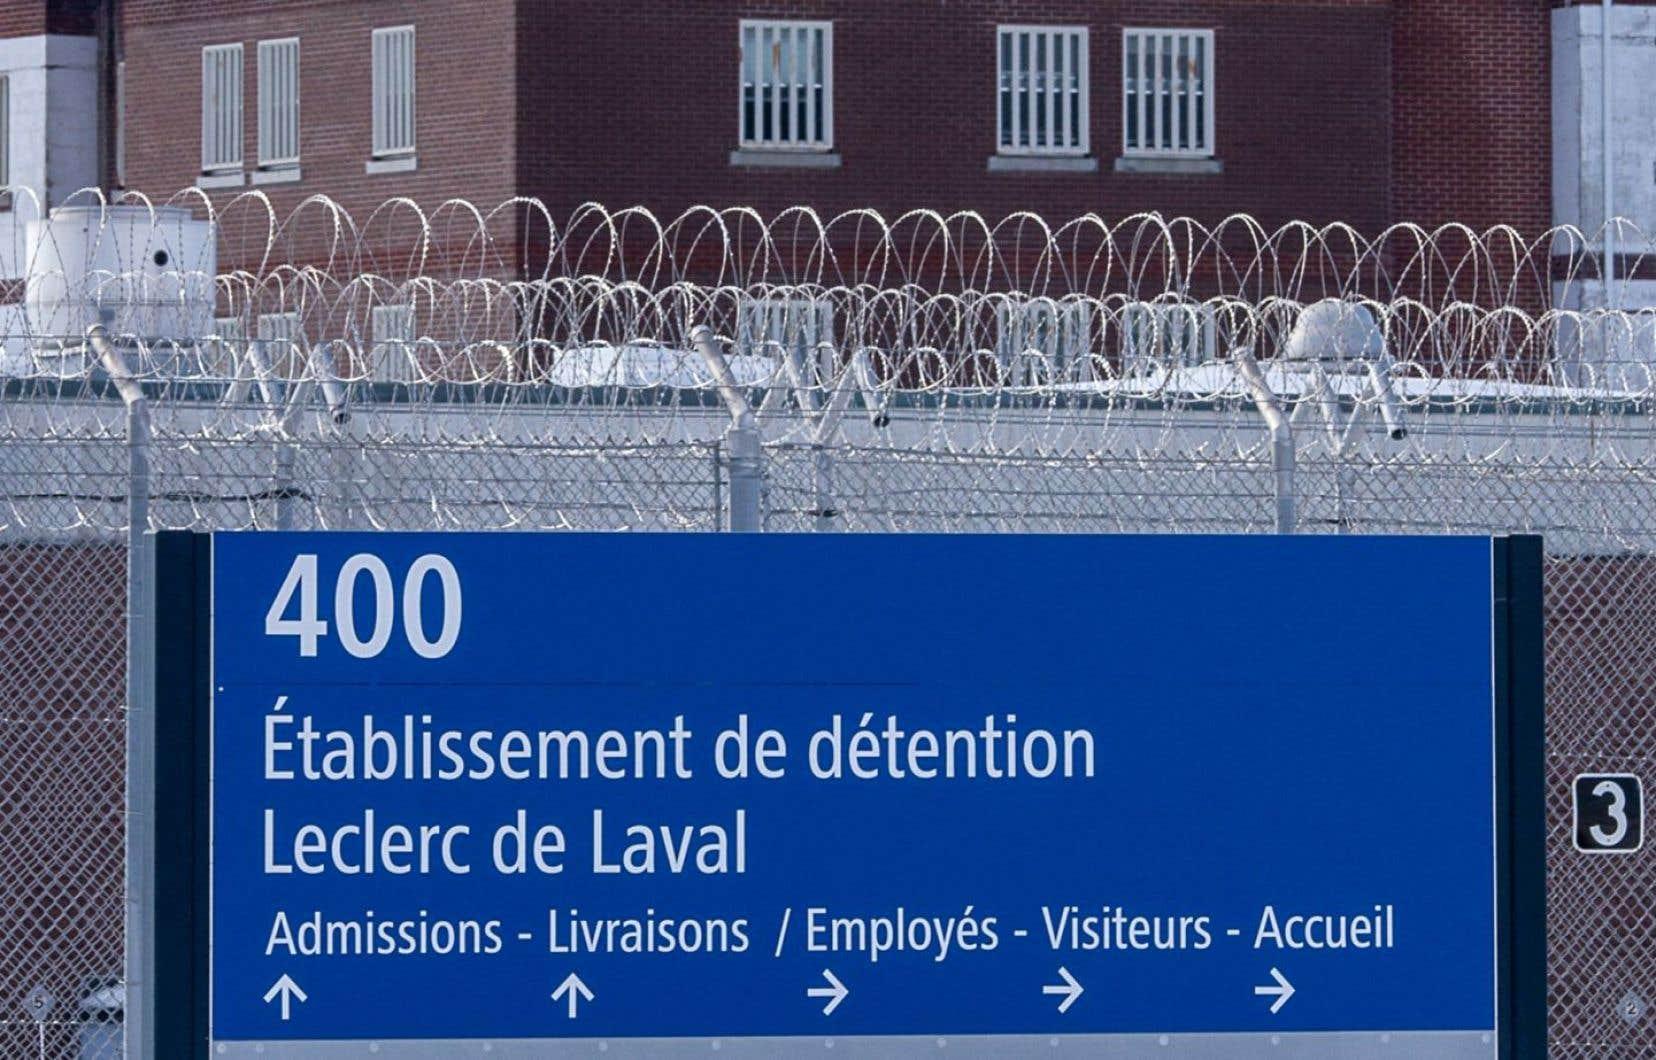 L'Établissement de détention Leclerc de Laval